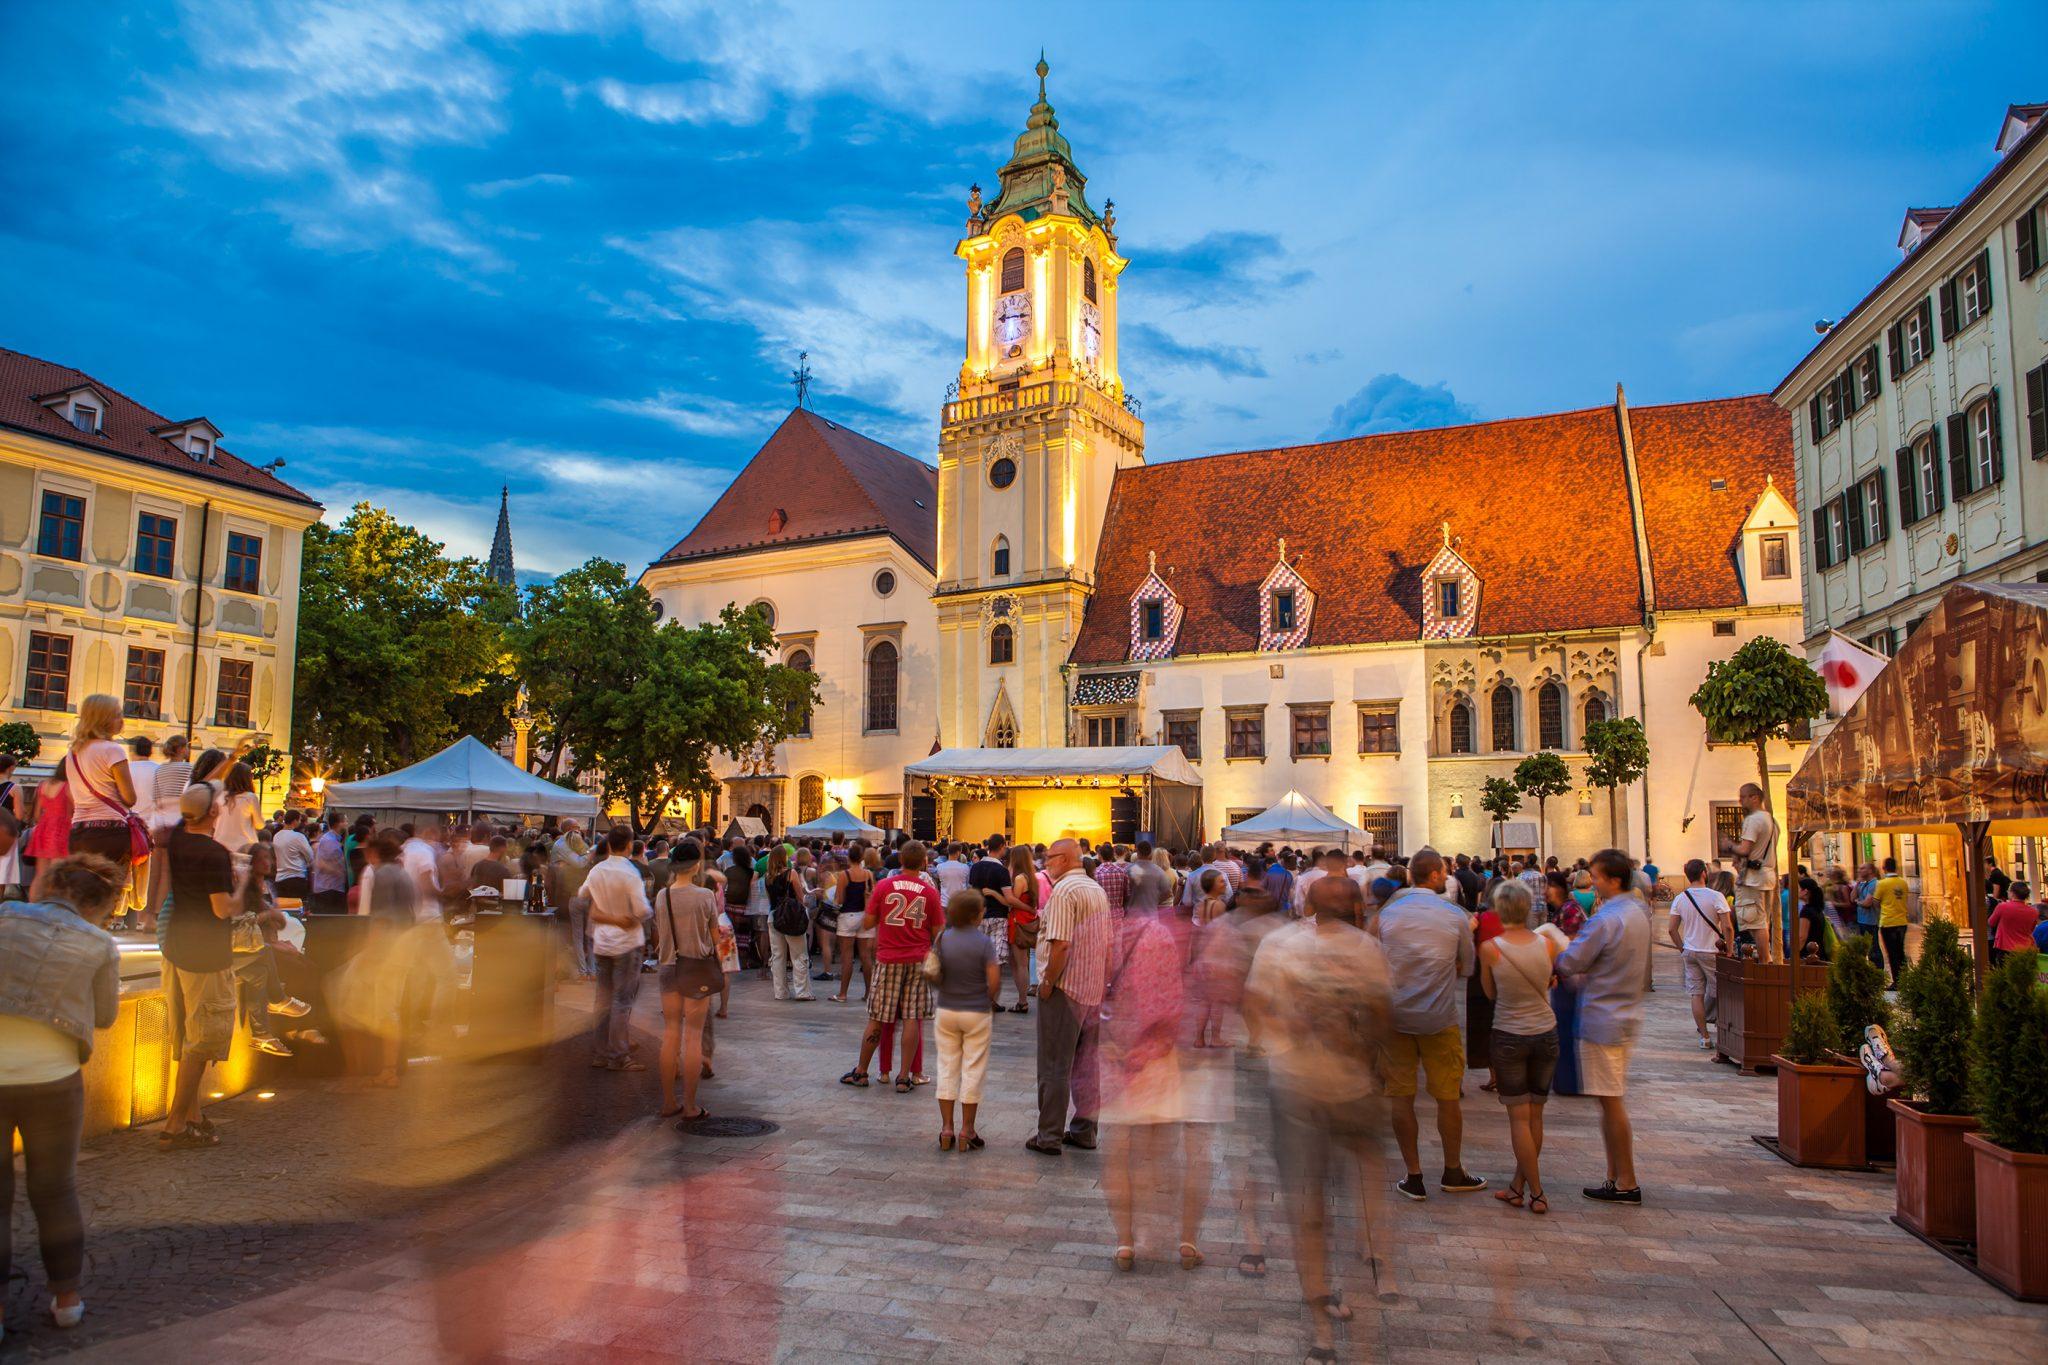 Eslovaquia: Becas Para Pregrado, Maestría y Doctorado en Diversos Temas Gobierno de Eslovaquia